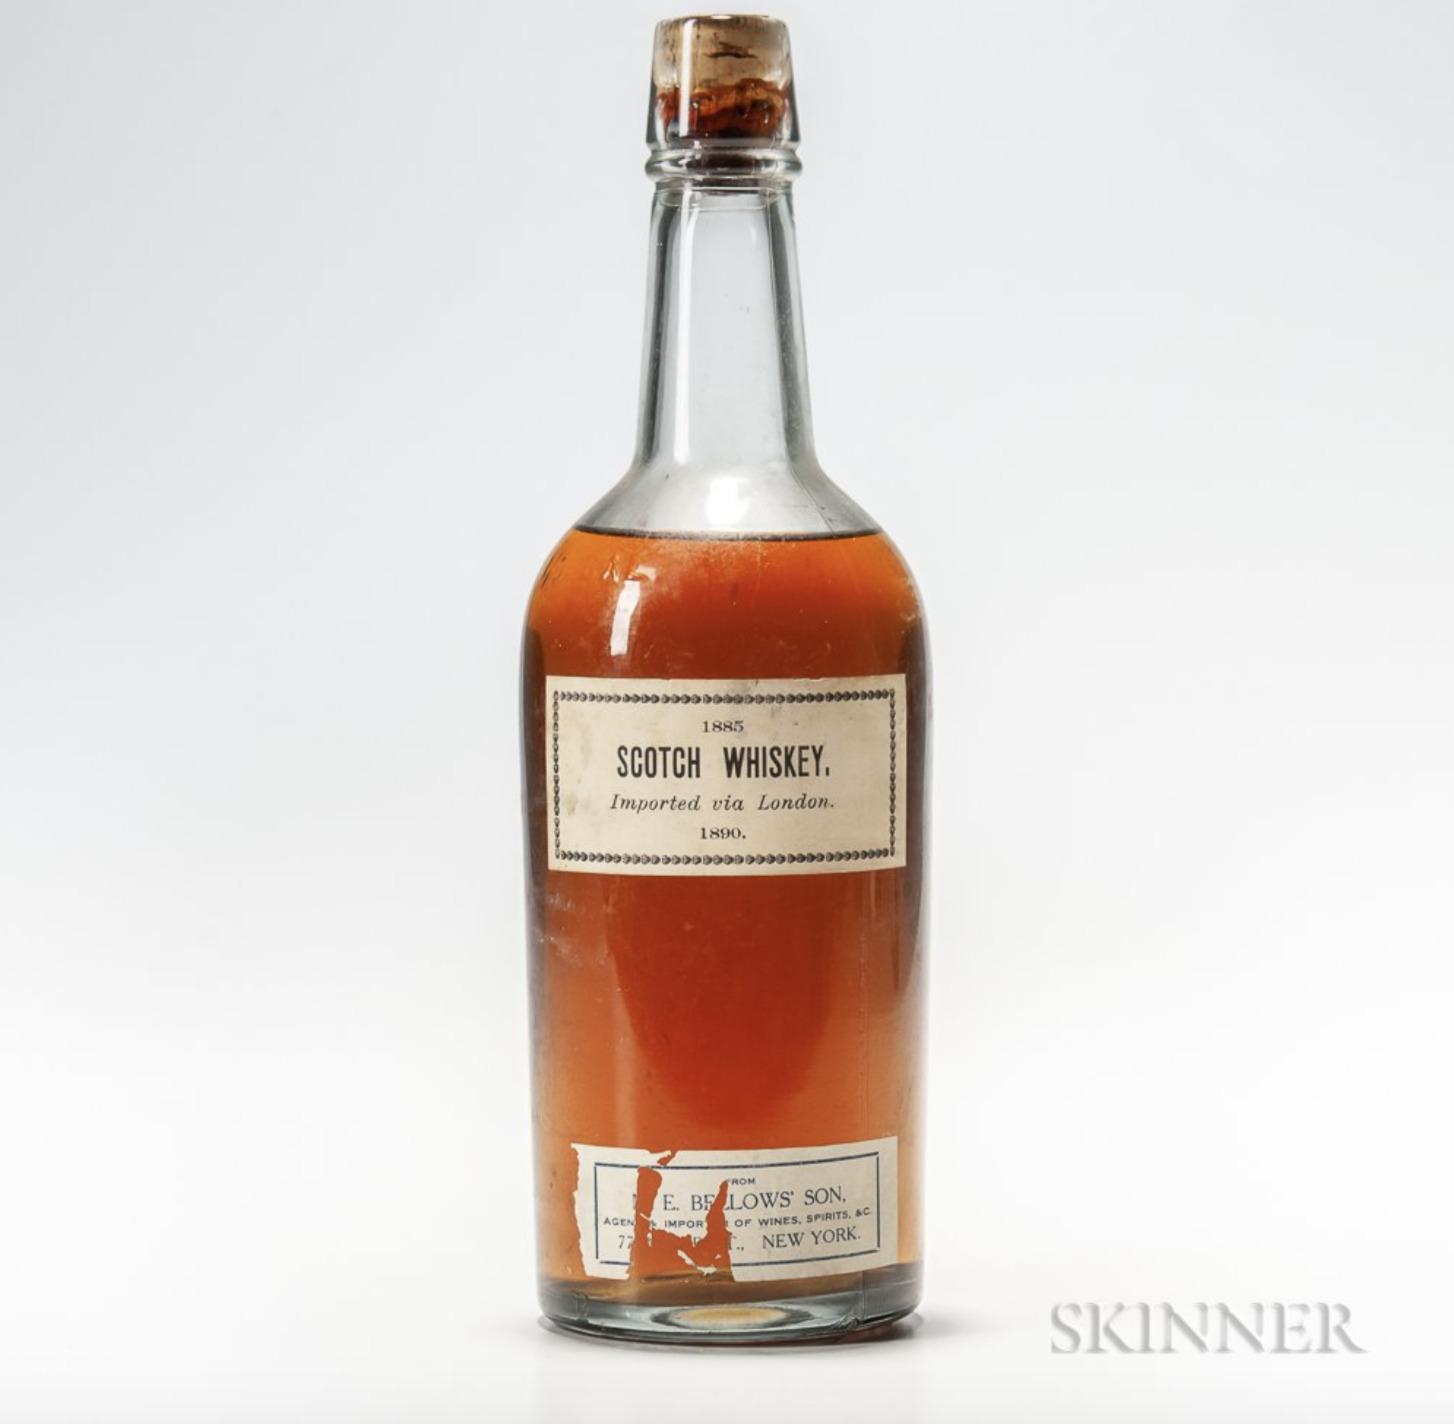 Scotch whisky 1885